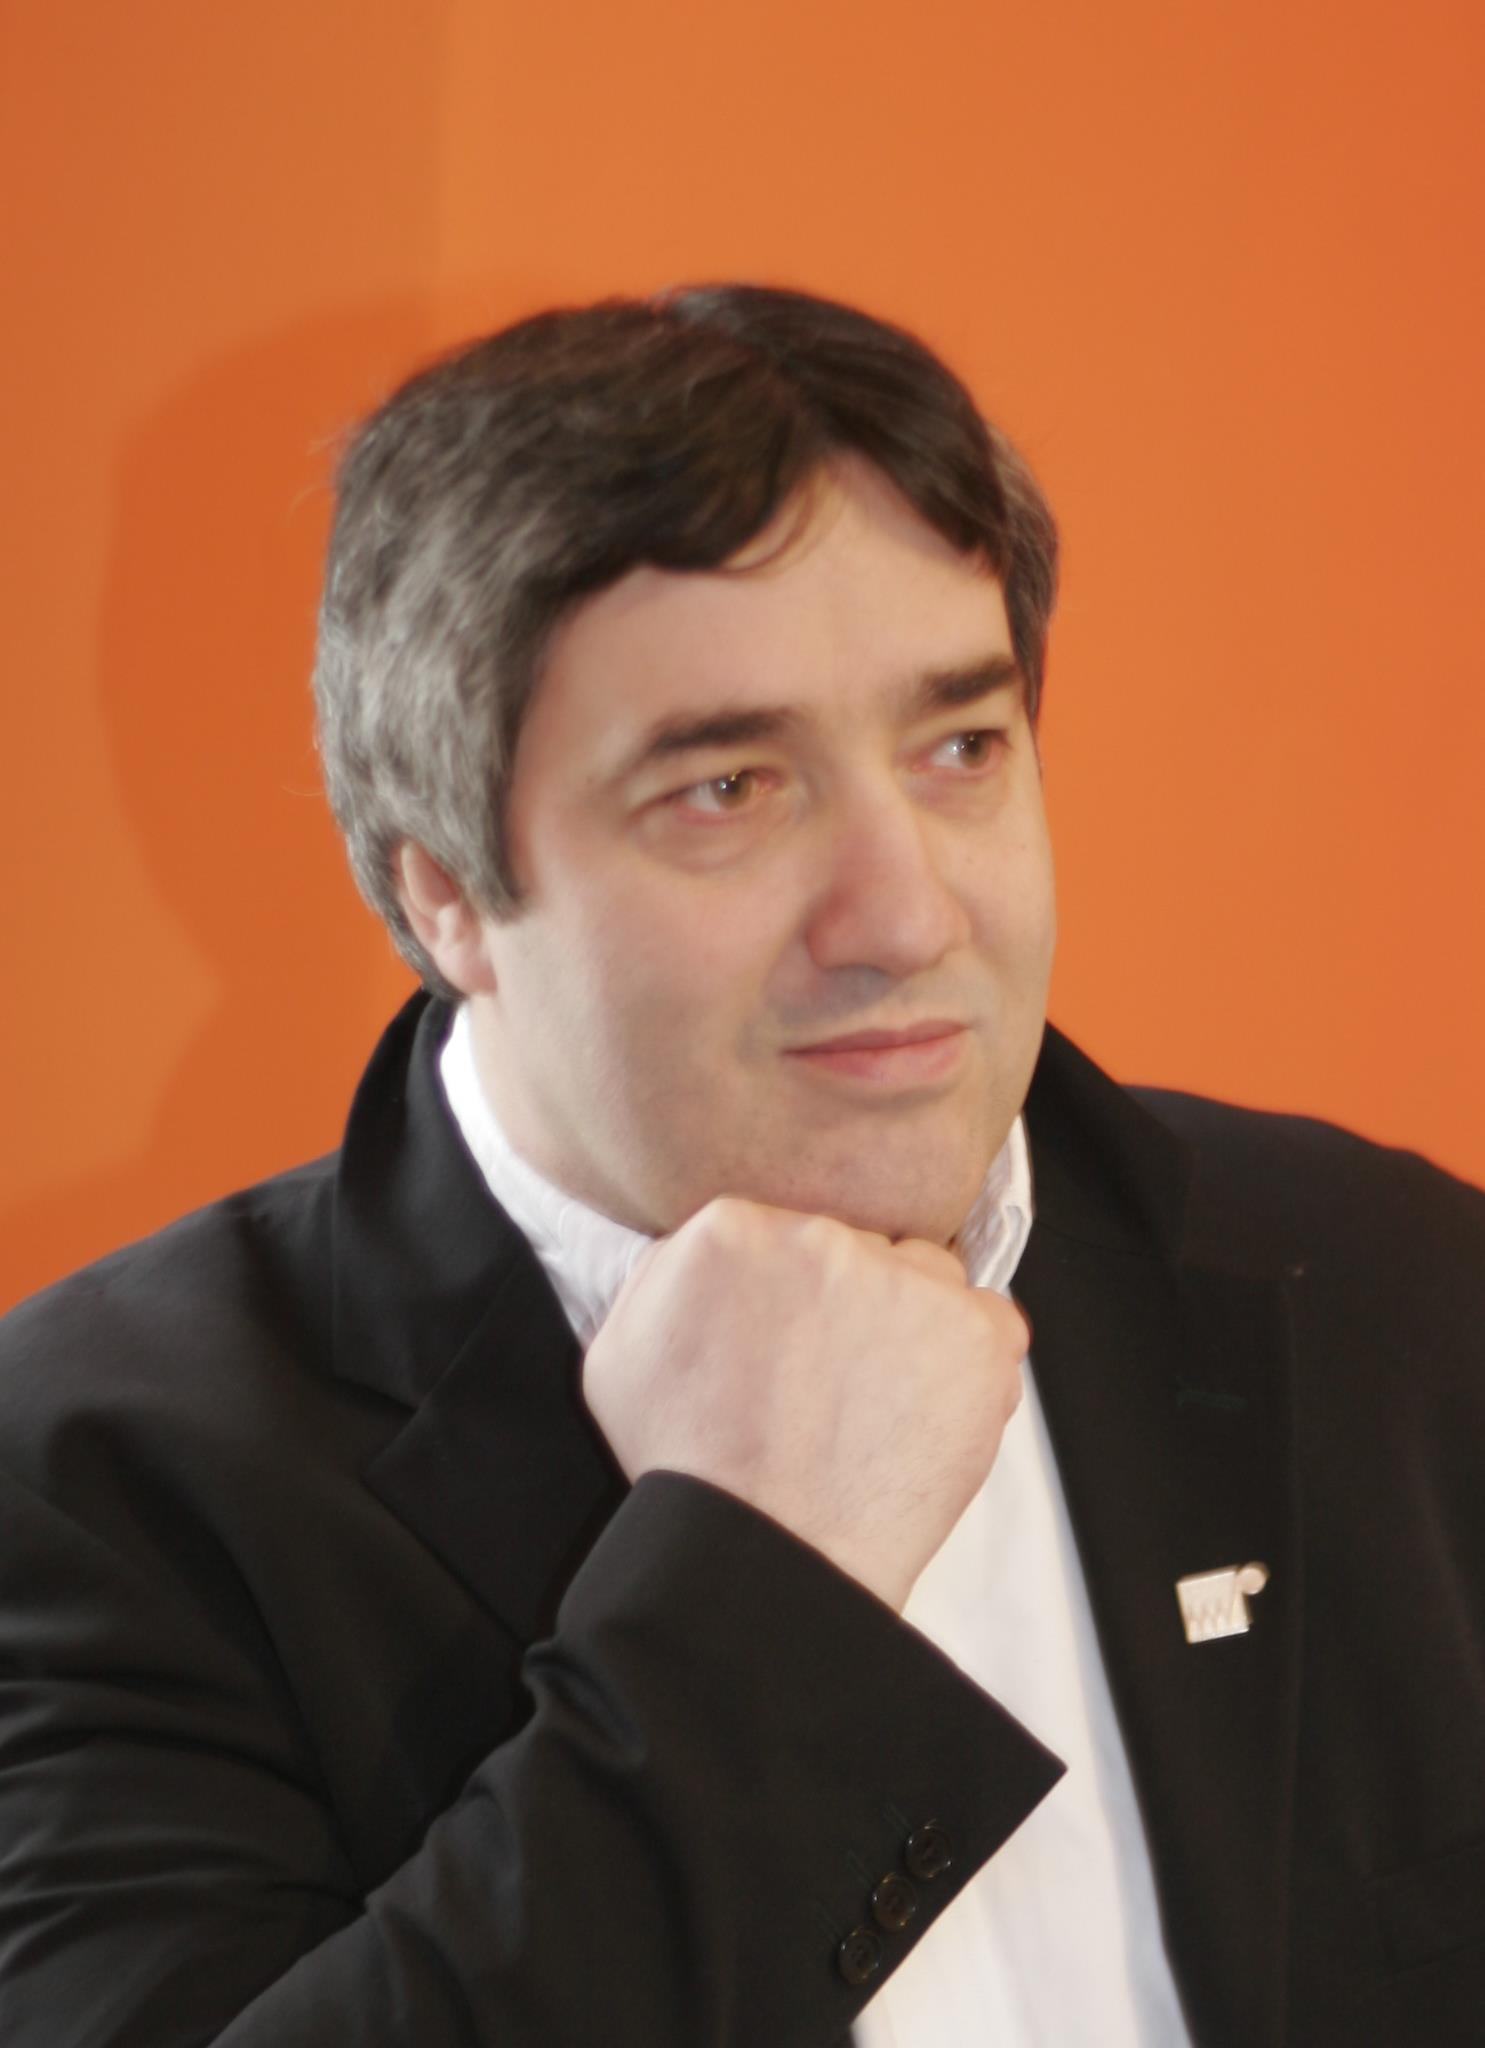 Antonio Gallace